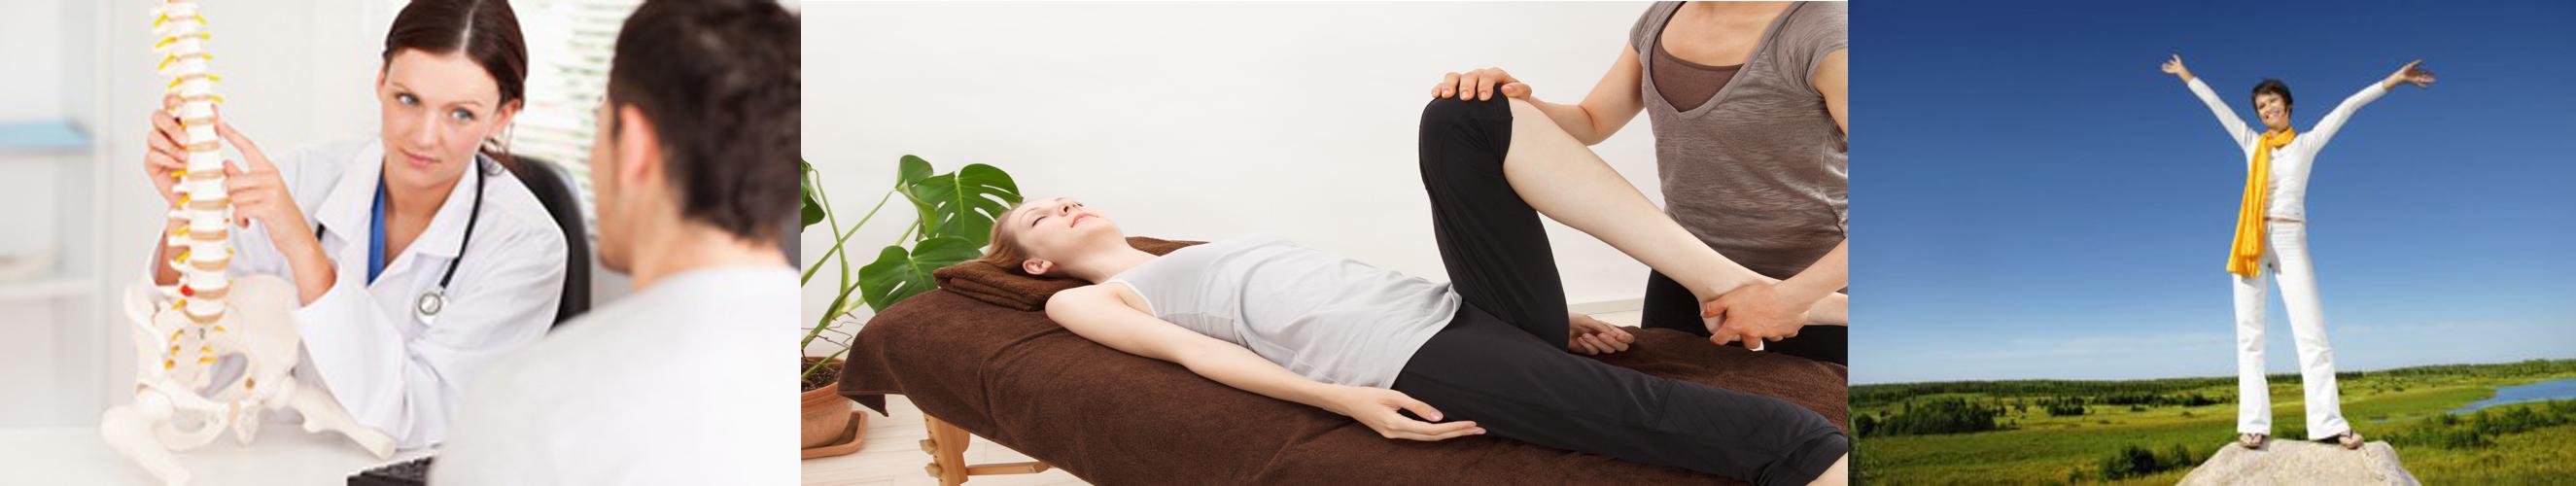 Chiropractor Harrogate